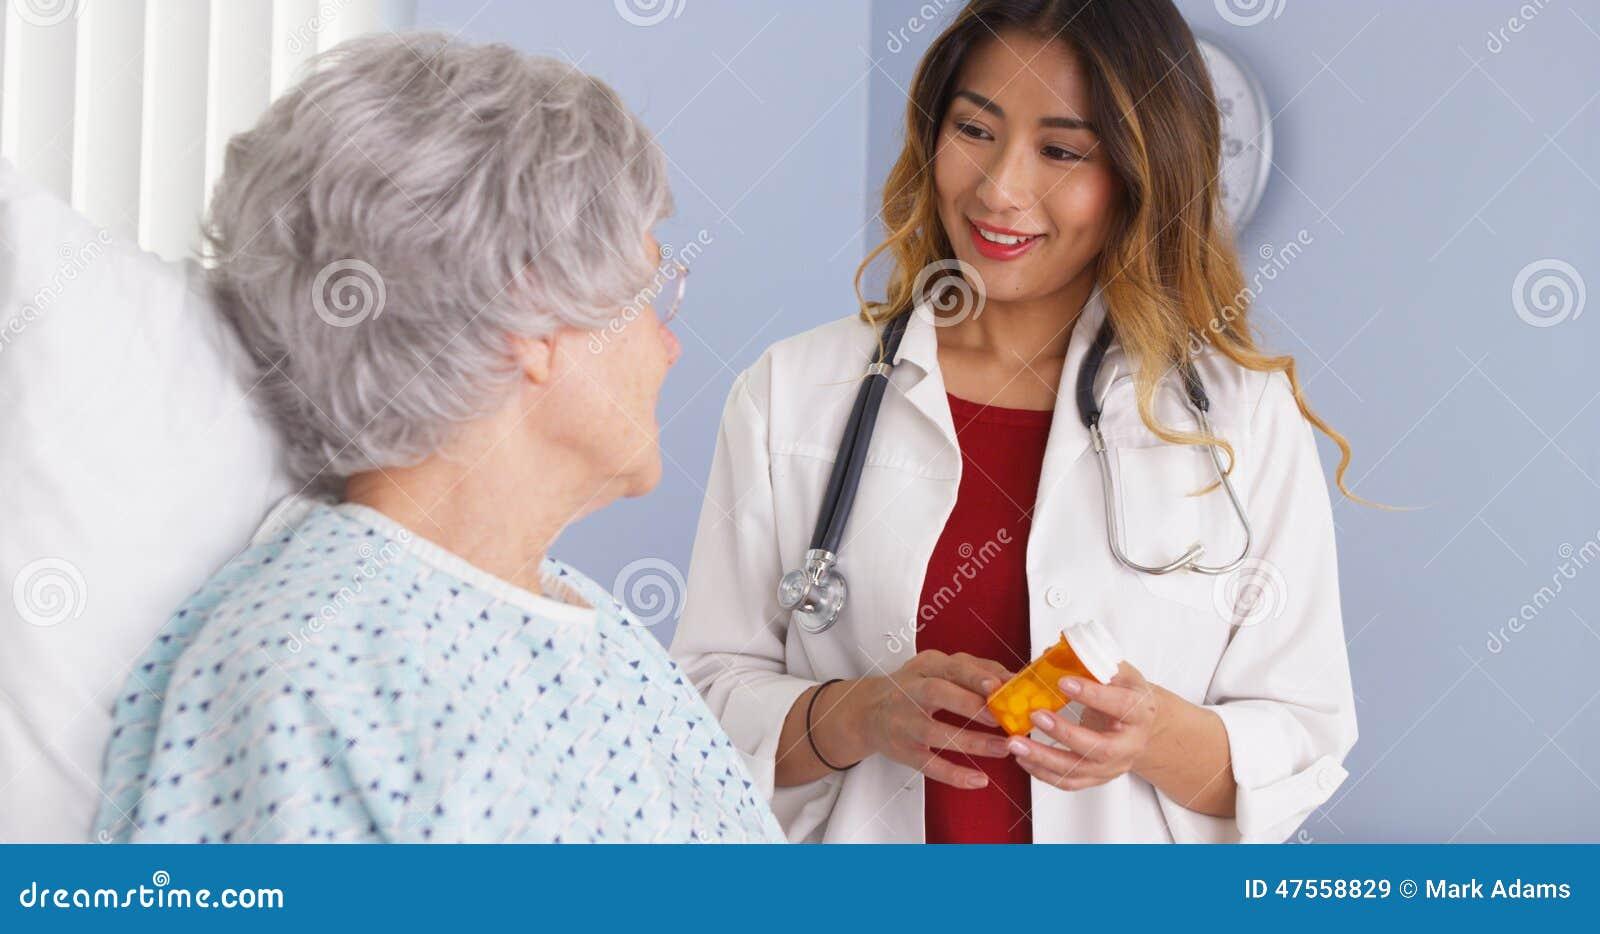 Девушка врач япония